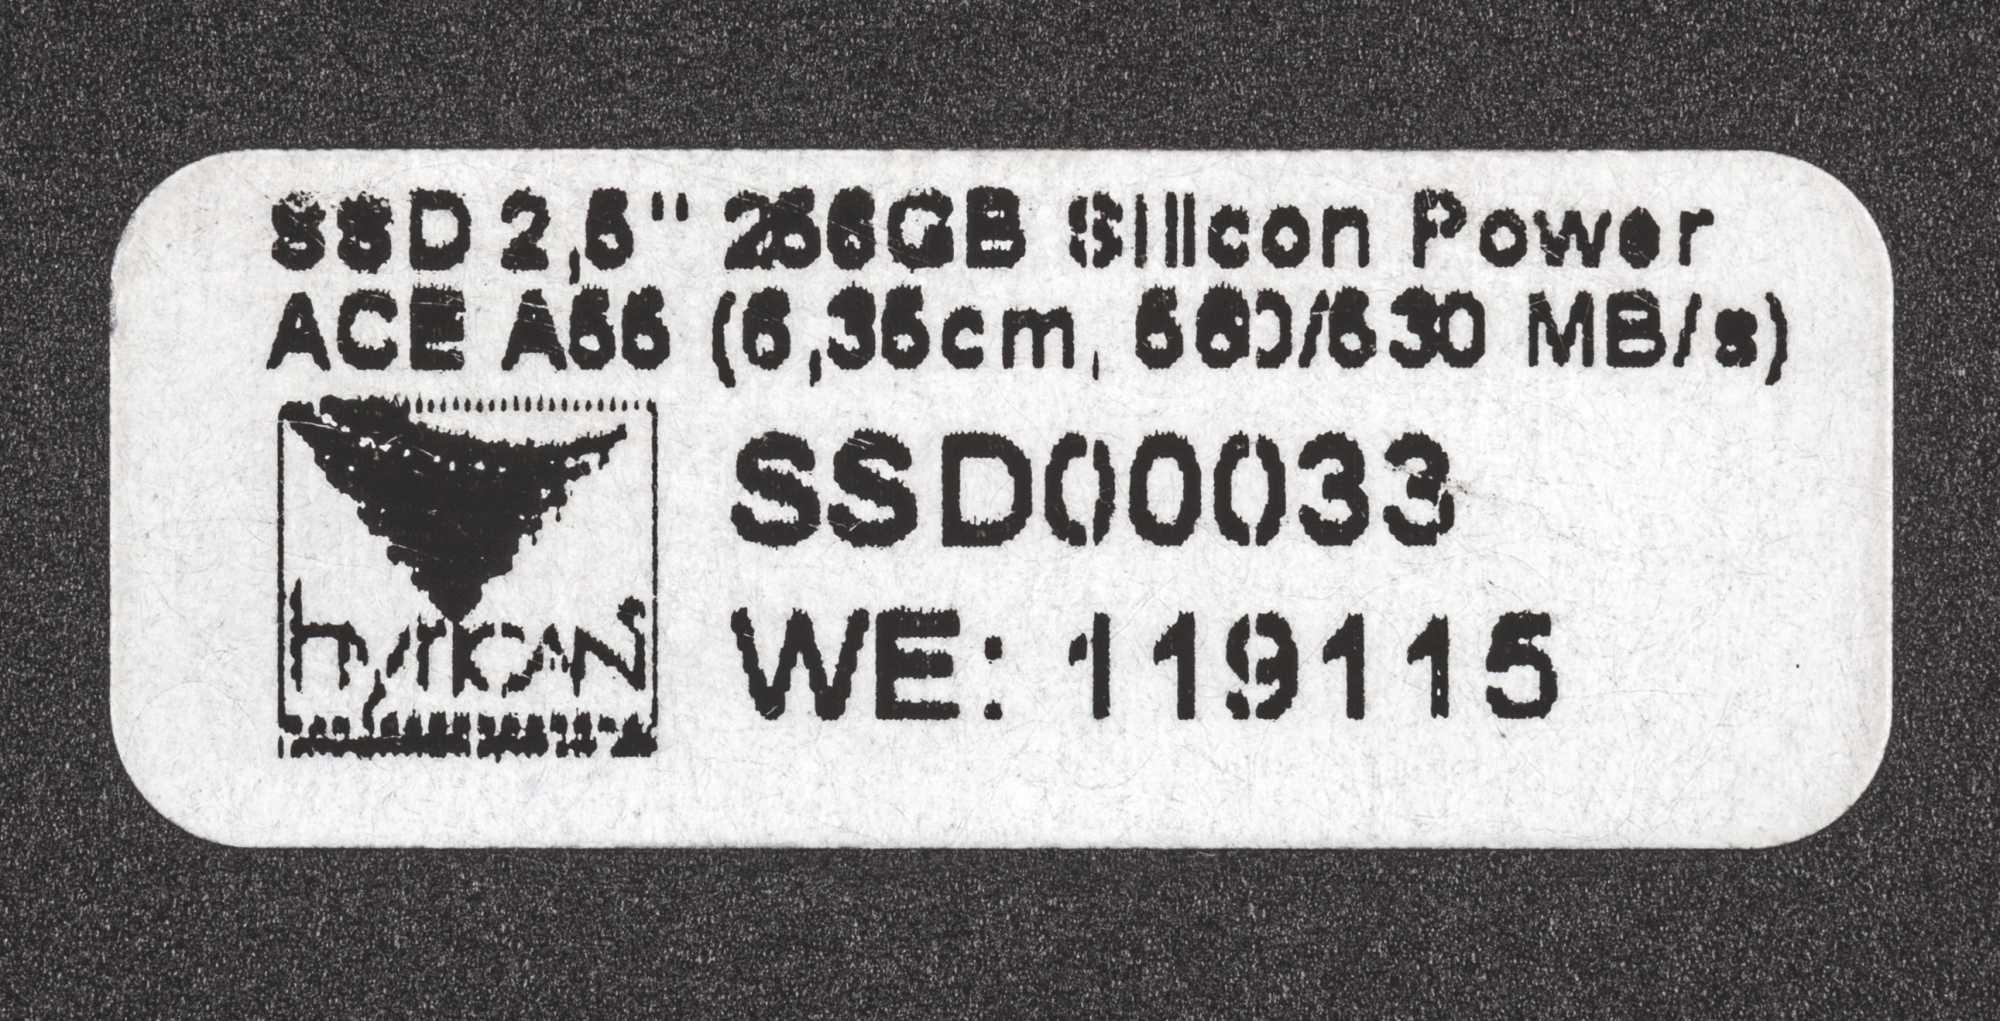 Auf der Rückseite der SSD entdeckten wir einen Aufkleber des PC-Herstellers Hyrican. Er gab erste Hinweise auf den Weg des Datenspeichers zu eBay.